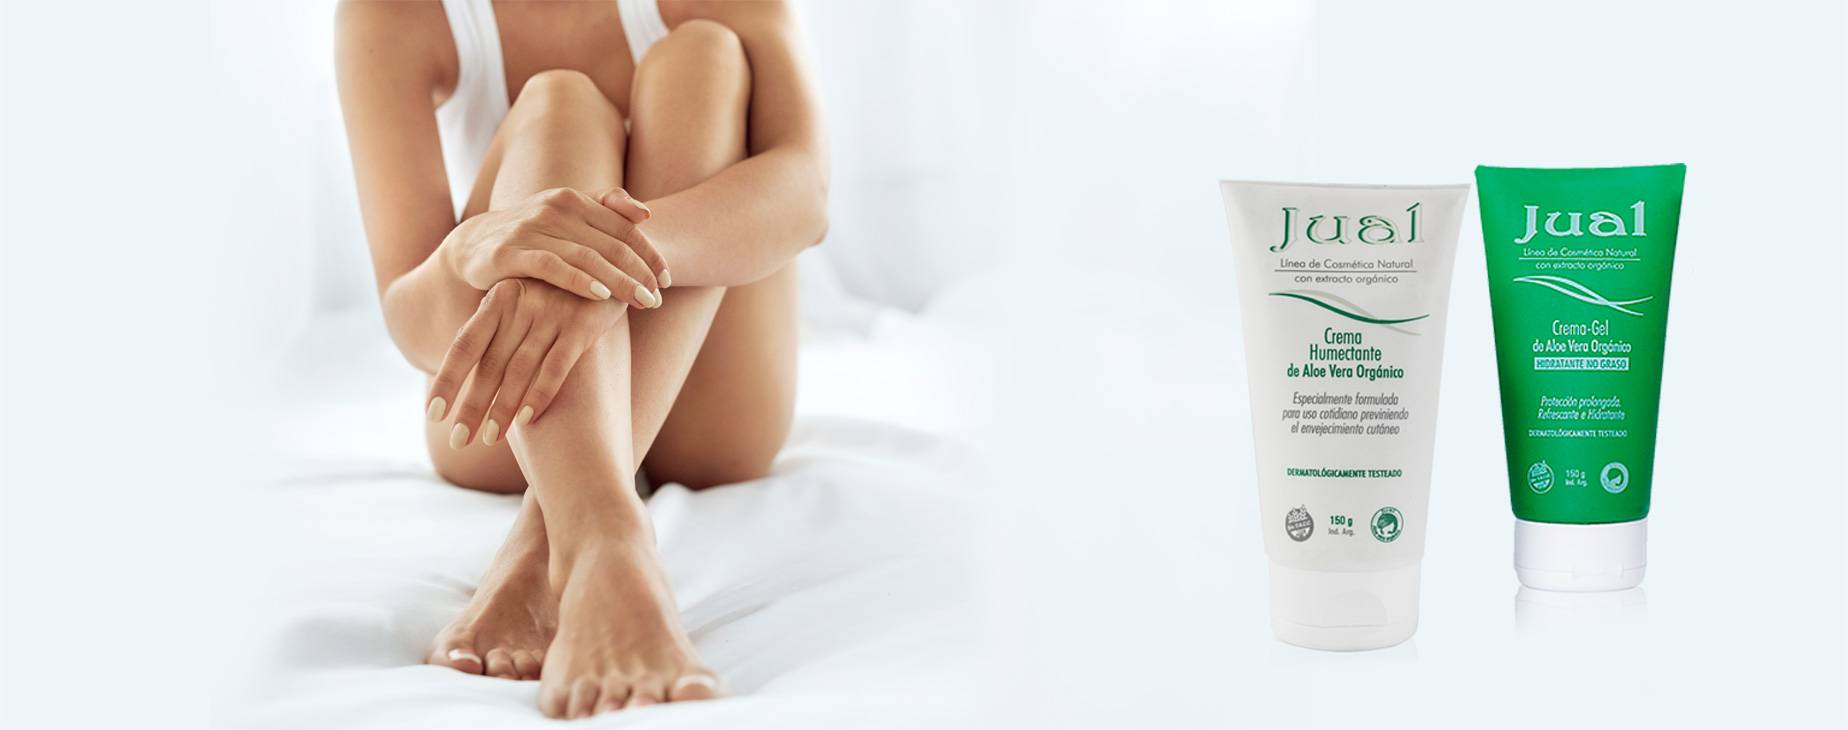 Tratamiento para manos y pies secos